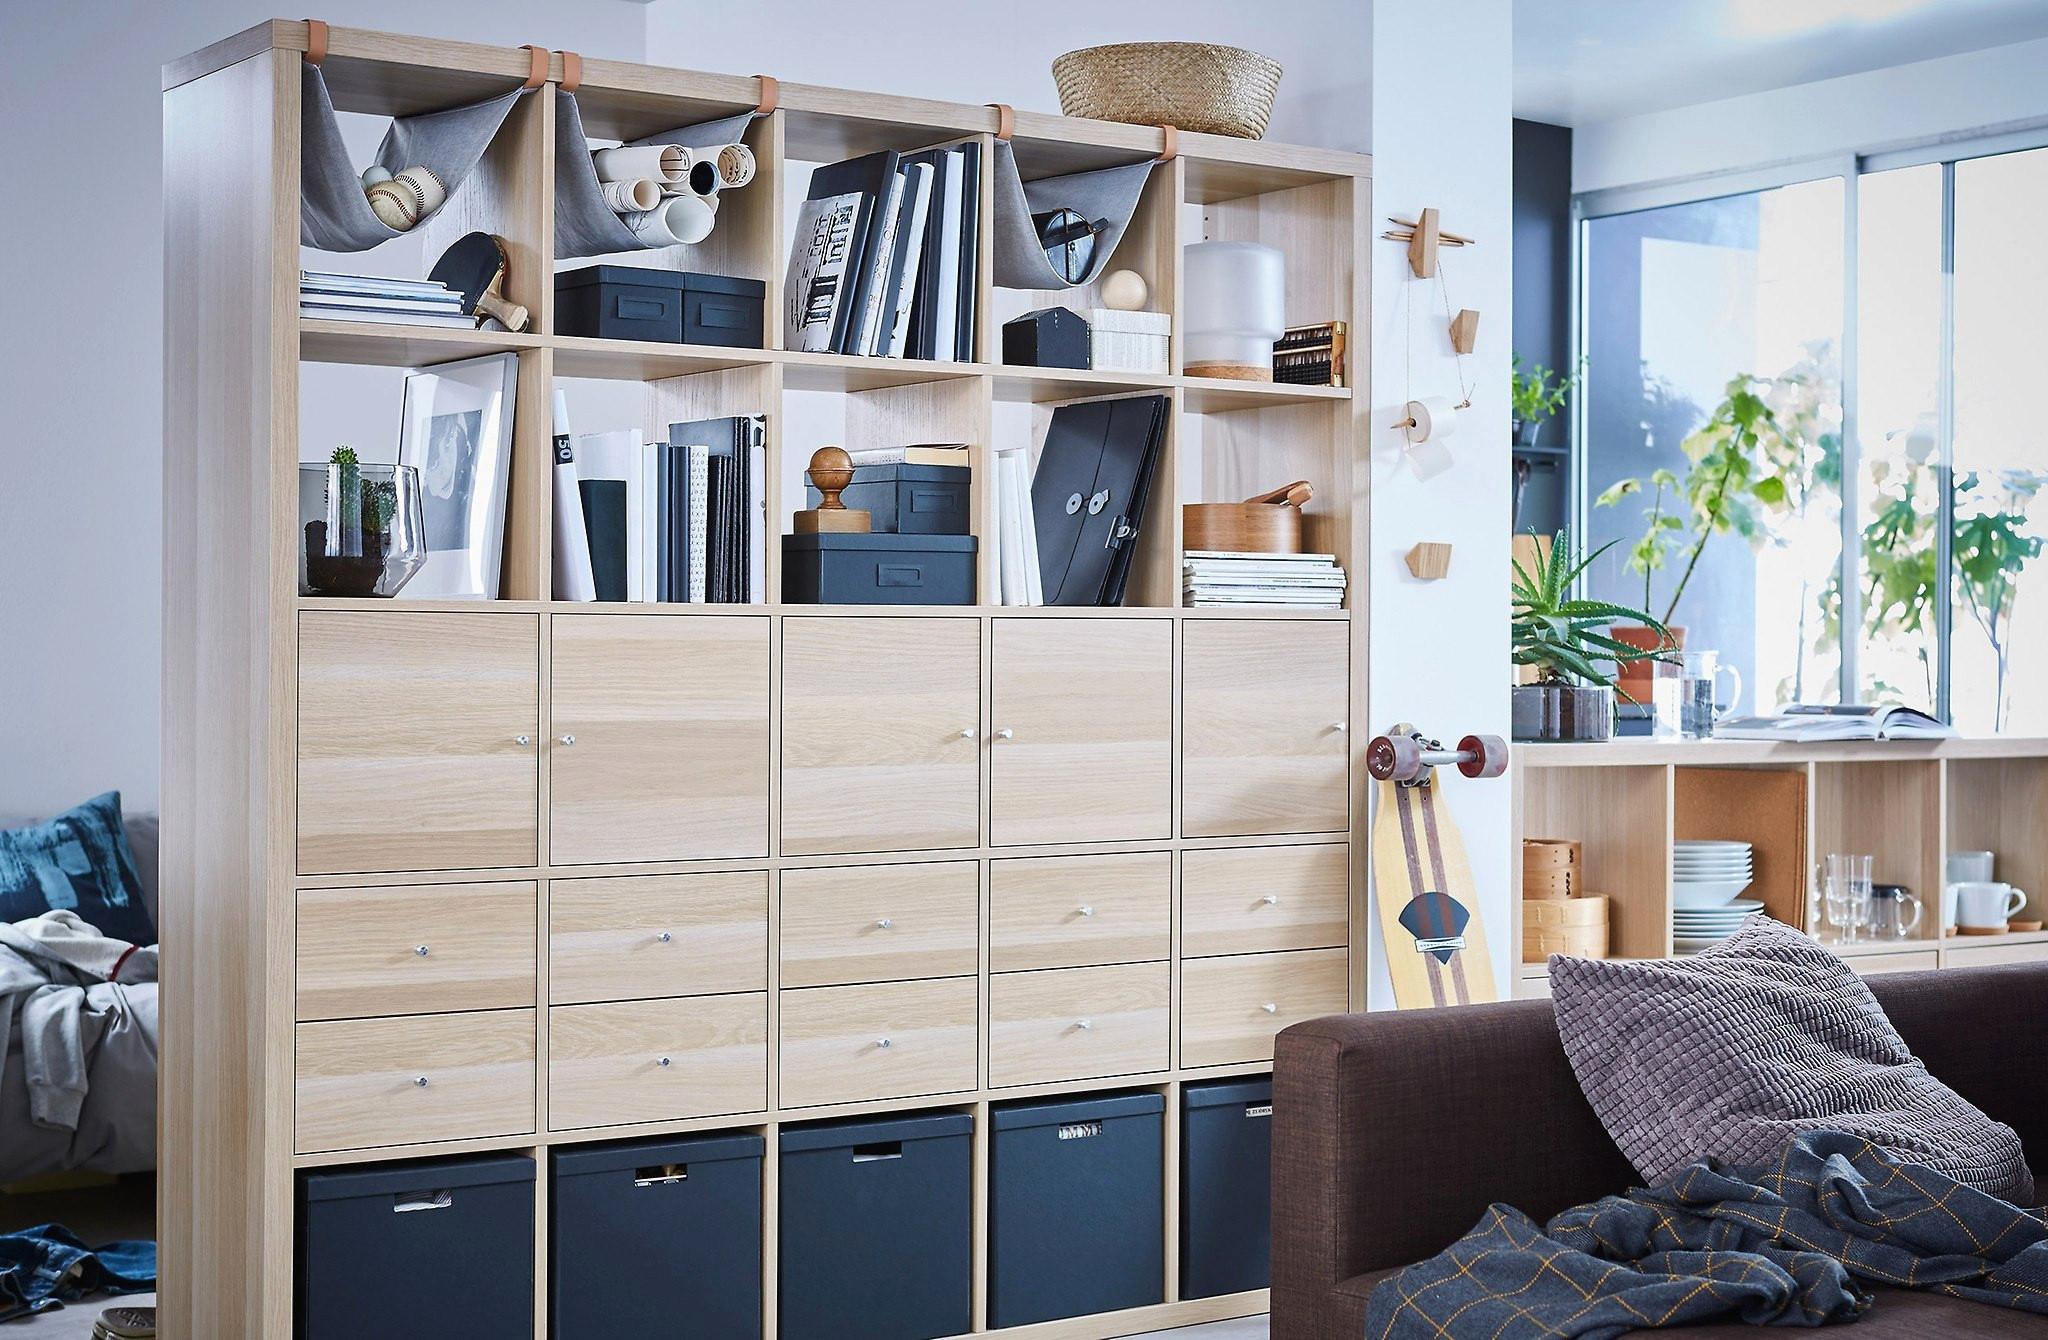 35 Meuble Separation De Pieces Design destiné Rideau De Separation De Pièce Ikea